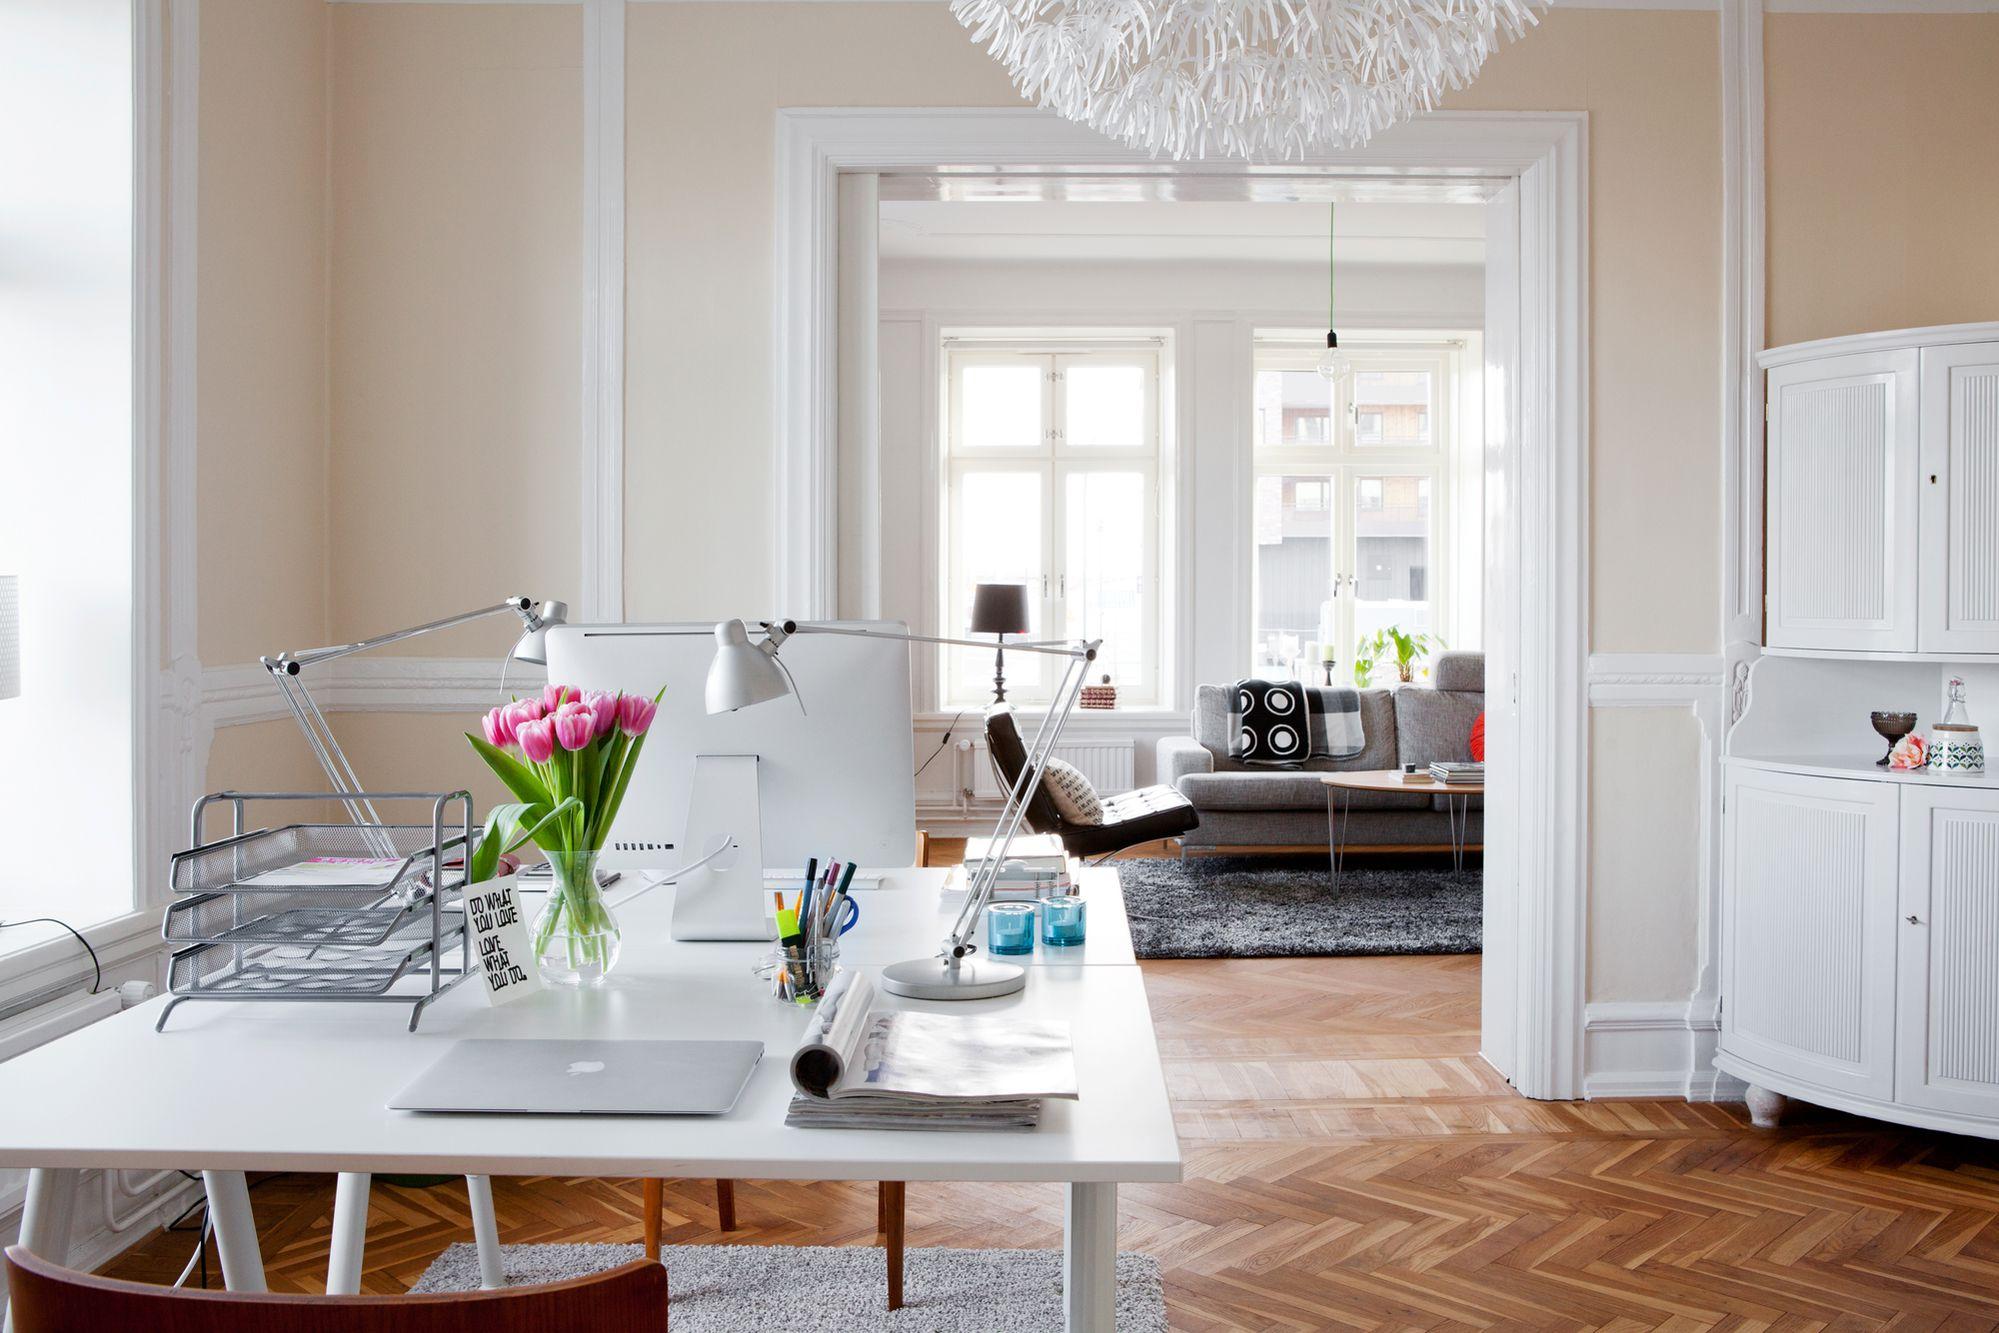 Oficina para dos en el coraz n de la casa blog tienda - La casa decoracion ...